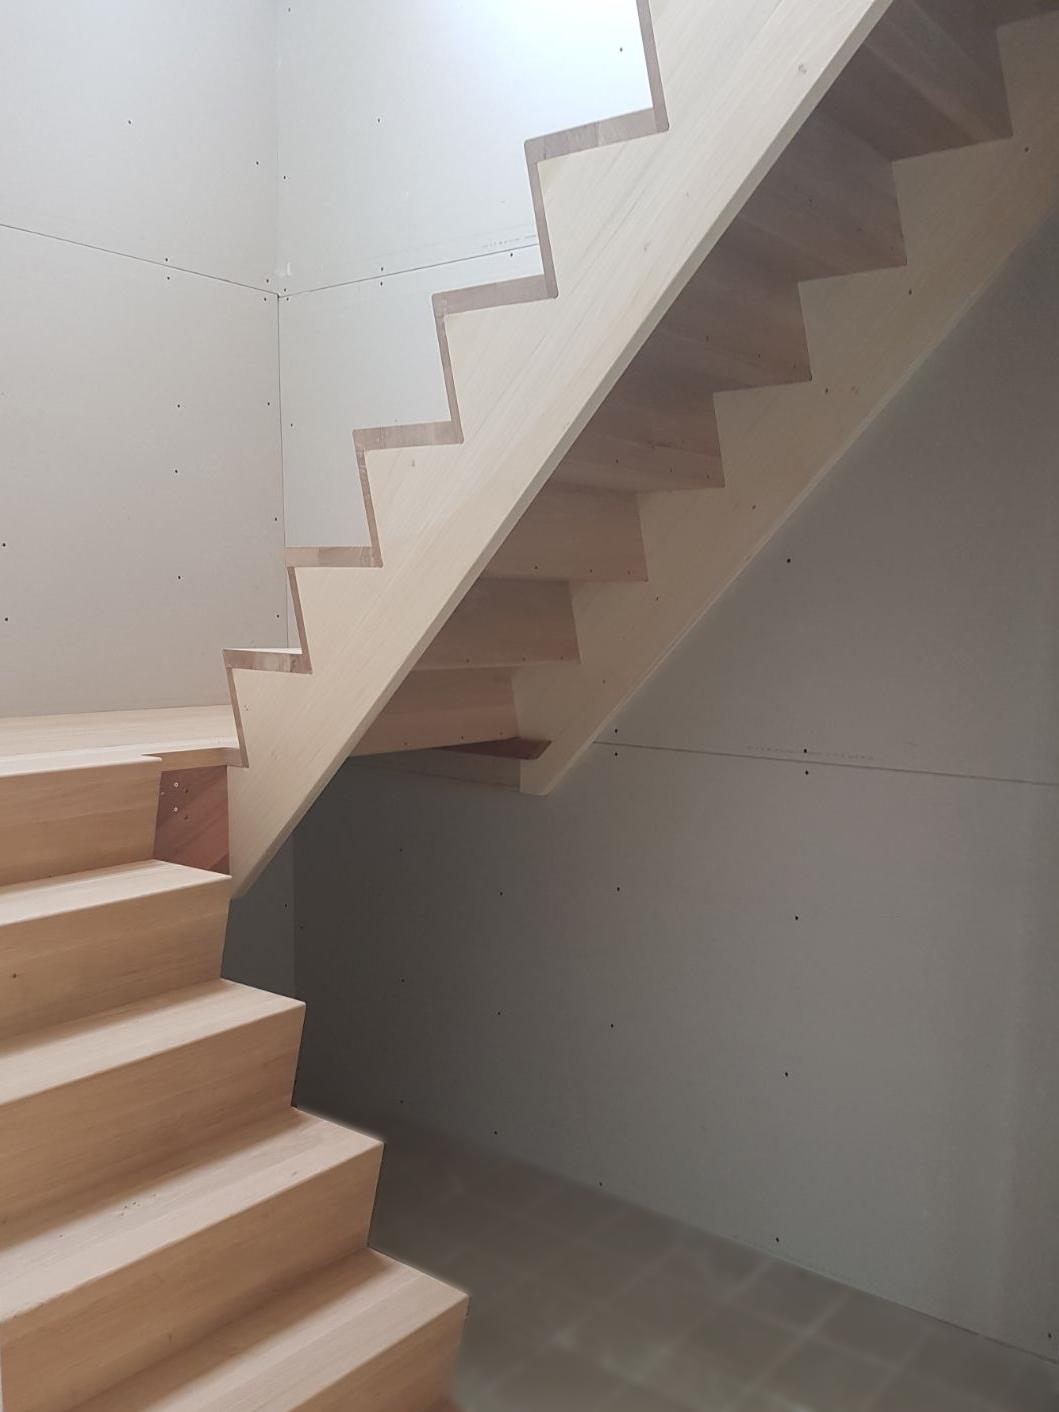 Soorten houten trappen trap in beeld z trap met bordes for Kwart trap